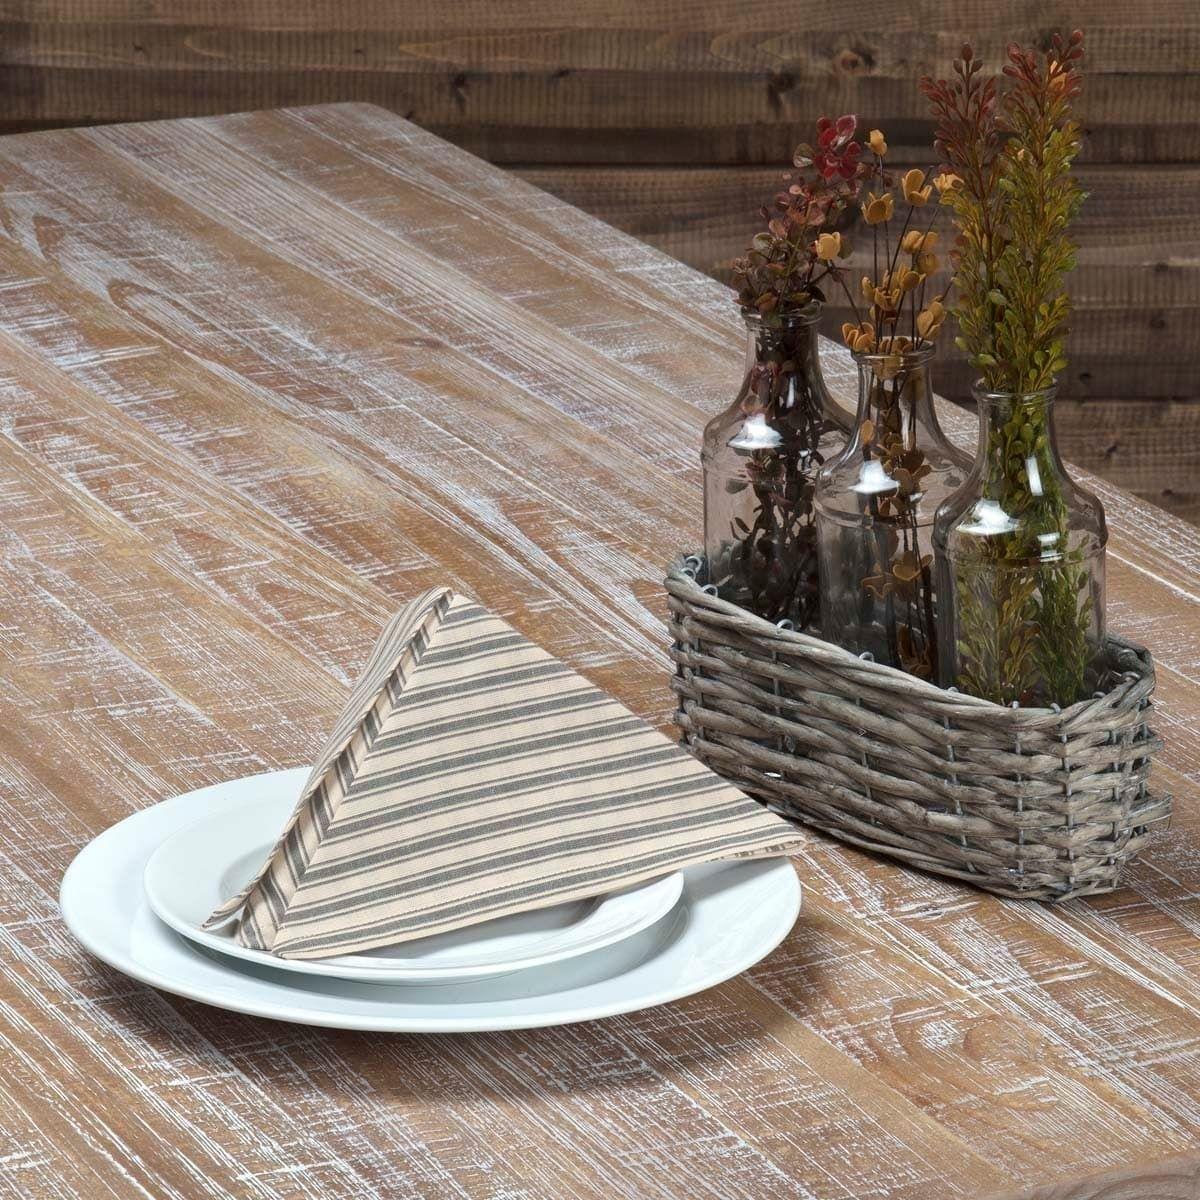 Farmhouse tabletop kitchen vhc kendra stripe napkin set of